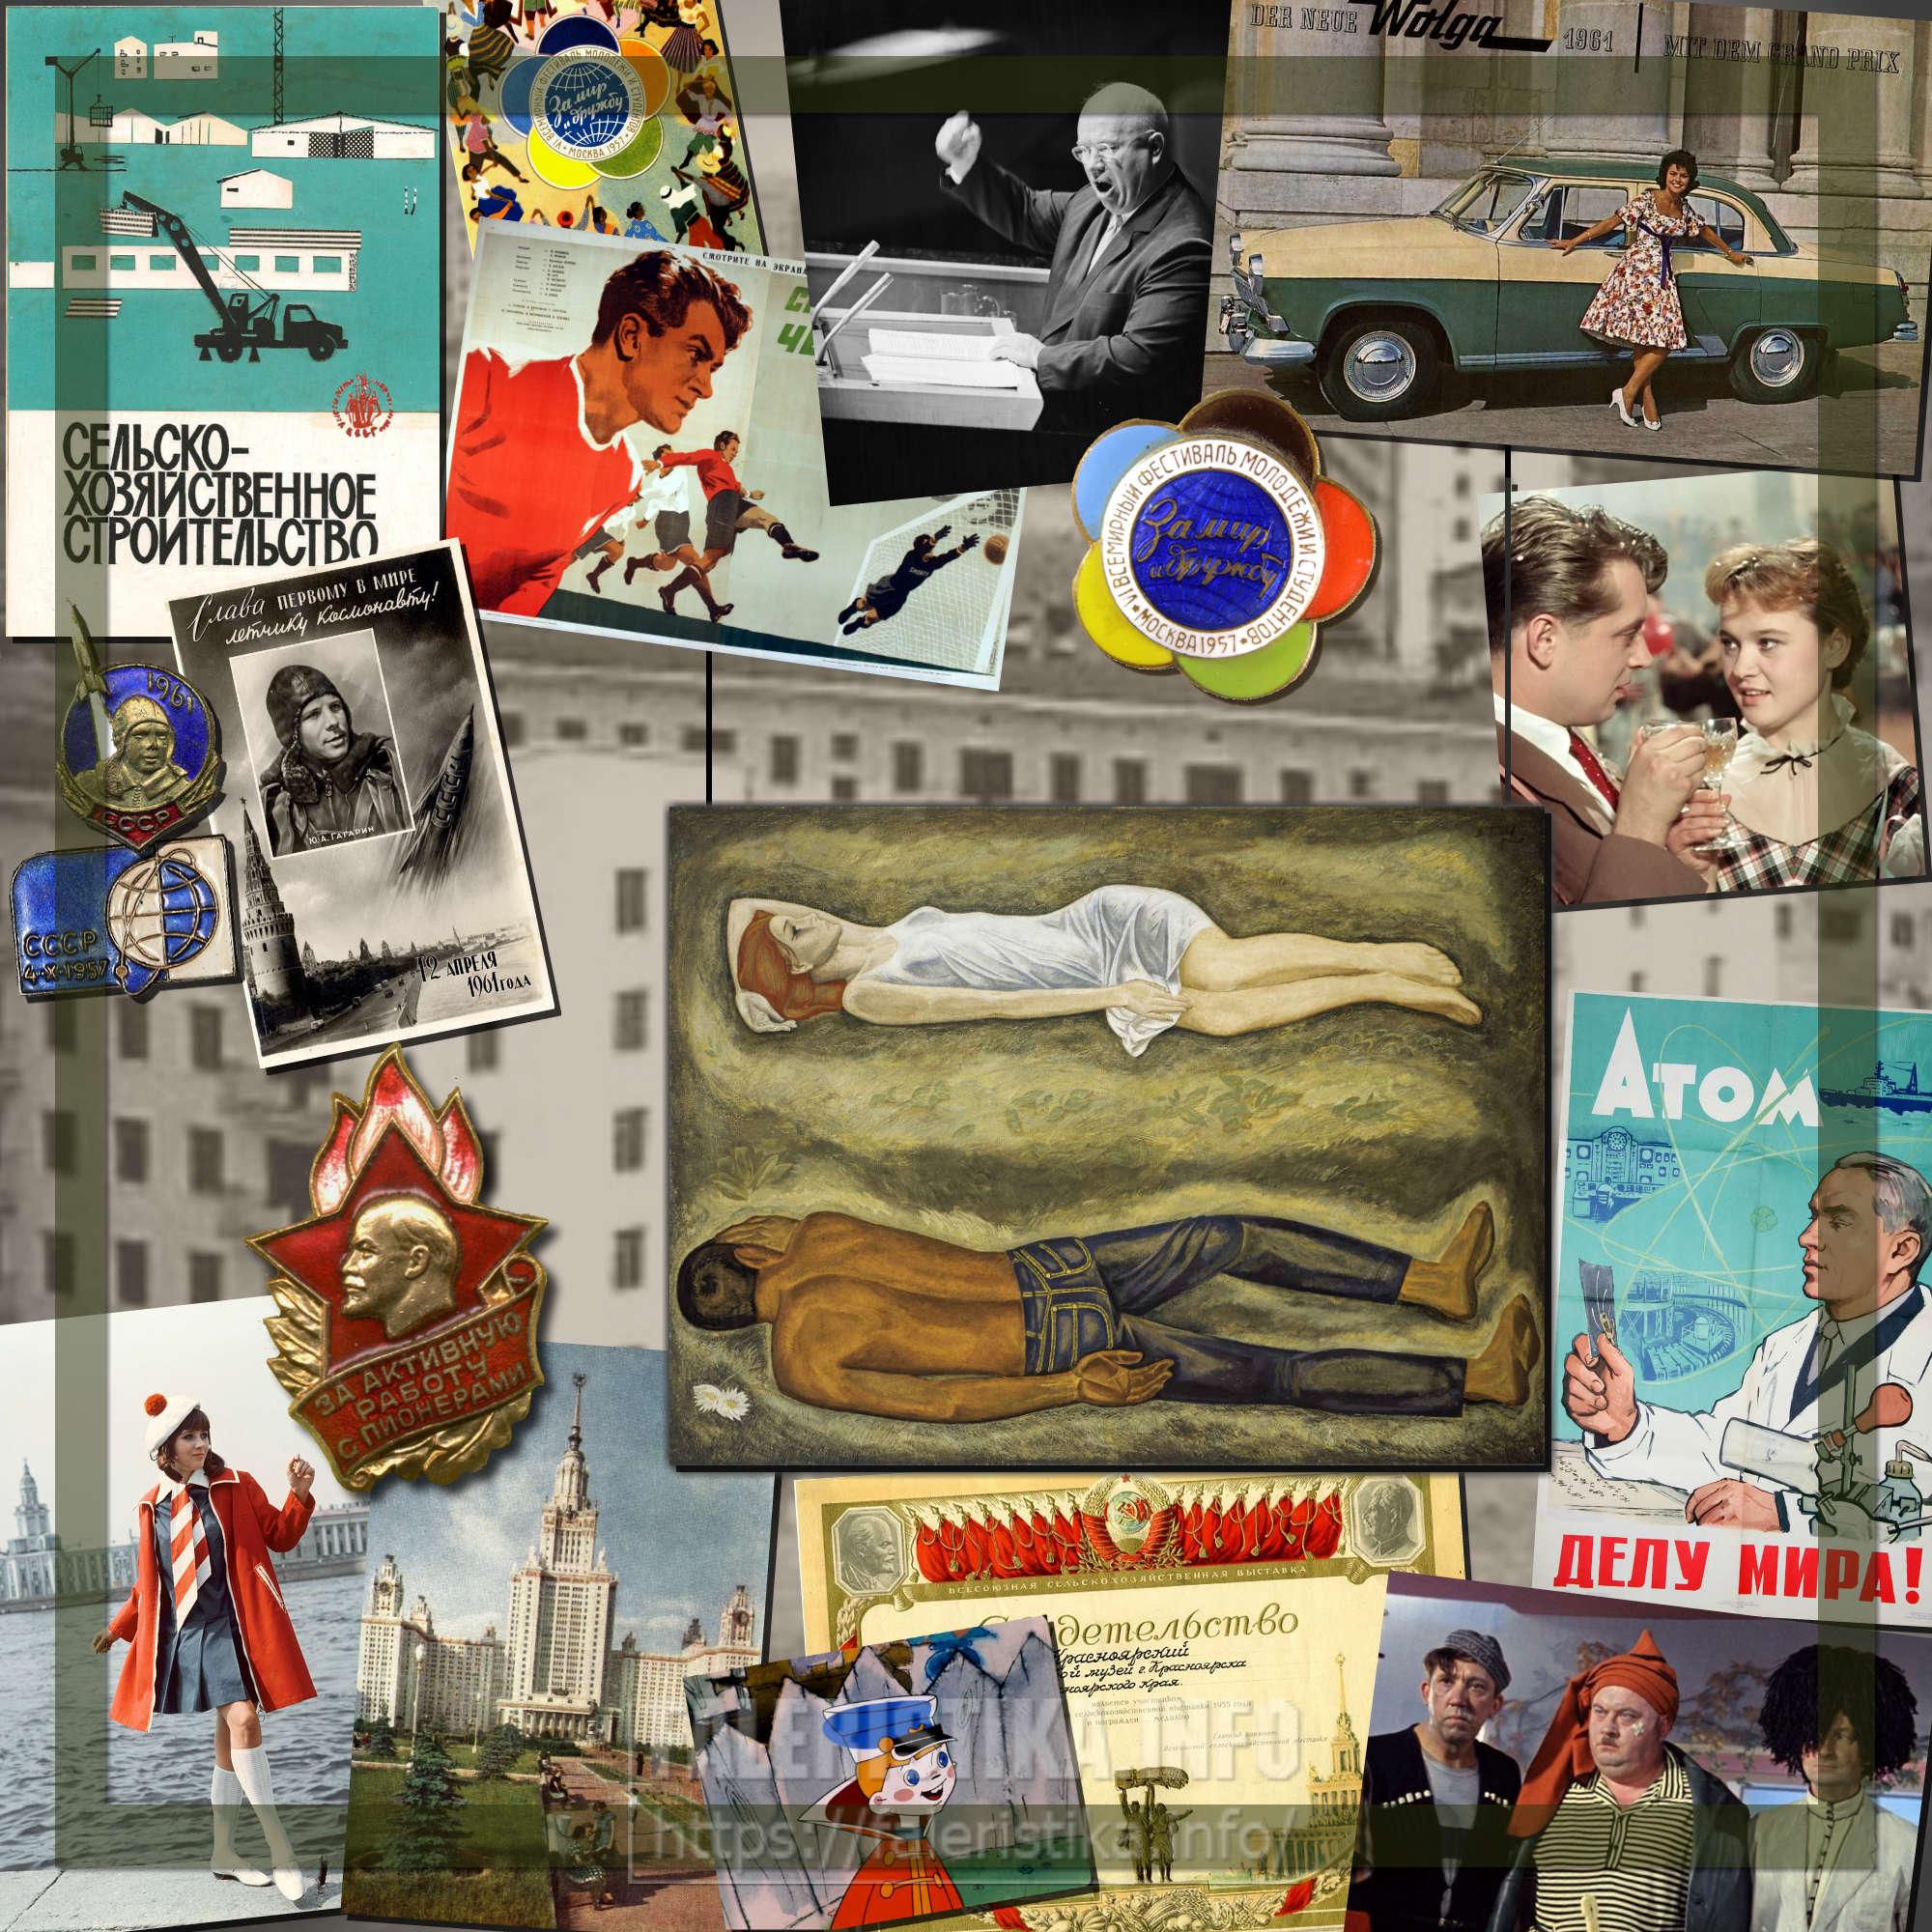 СССР 1950-х — 1960-х годов. Стиль жизни и искусства. Оттепель, суровый стиль. Физики и лирики. Новая жизнь